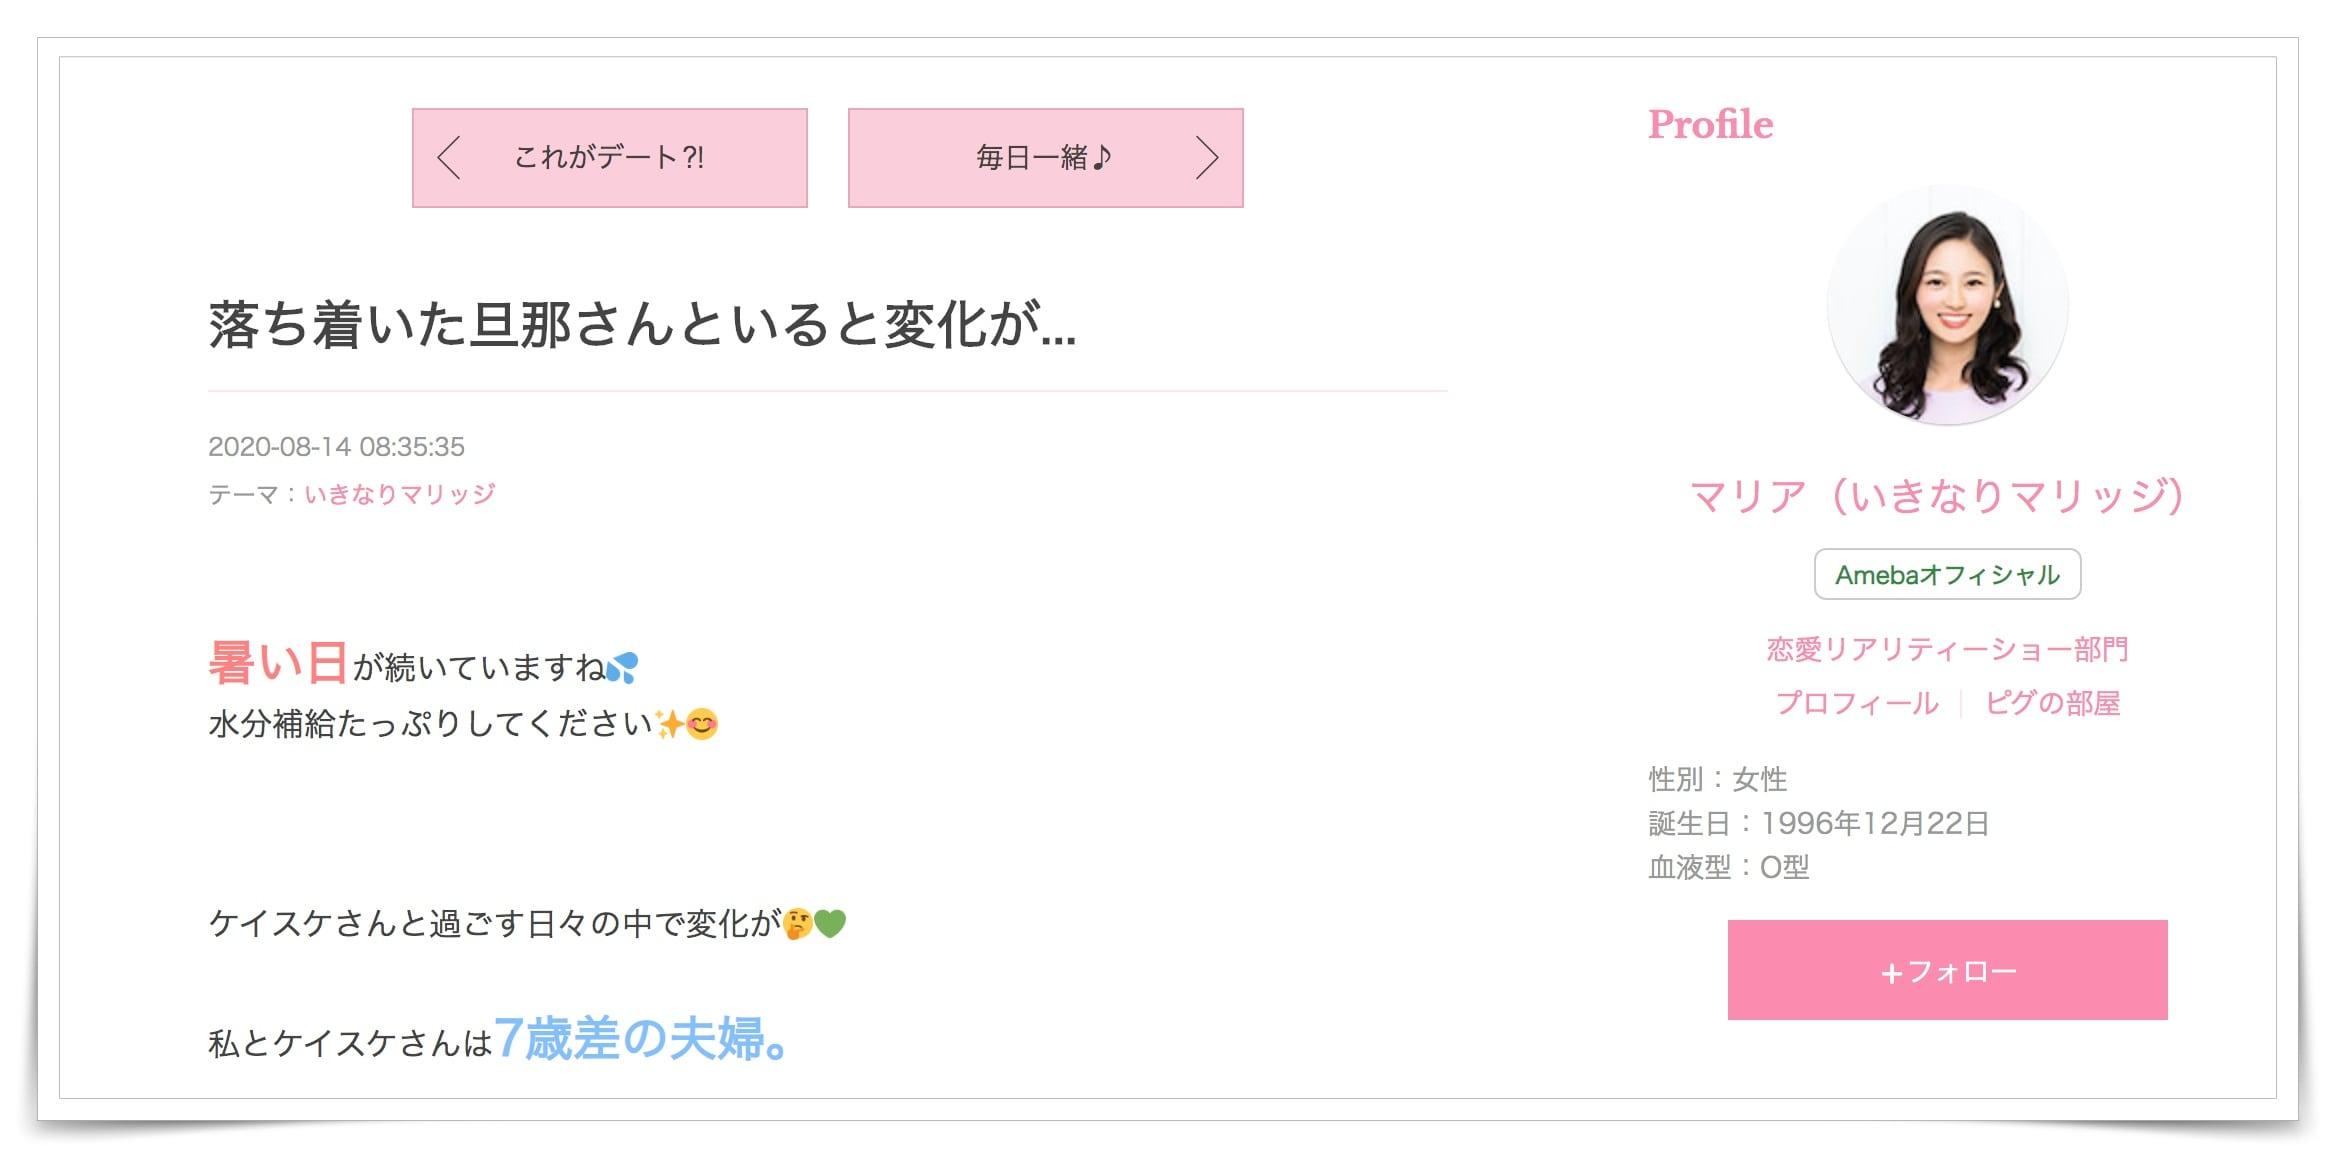 いきなりマリッジの濱崎麻莉亜マリアのブログ画像